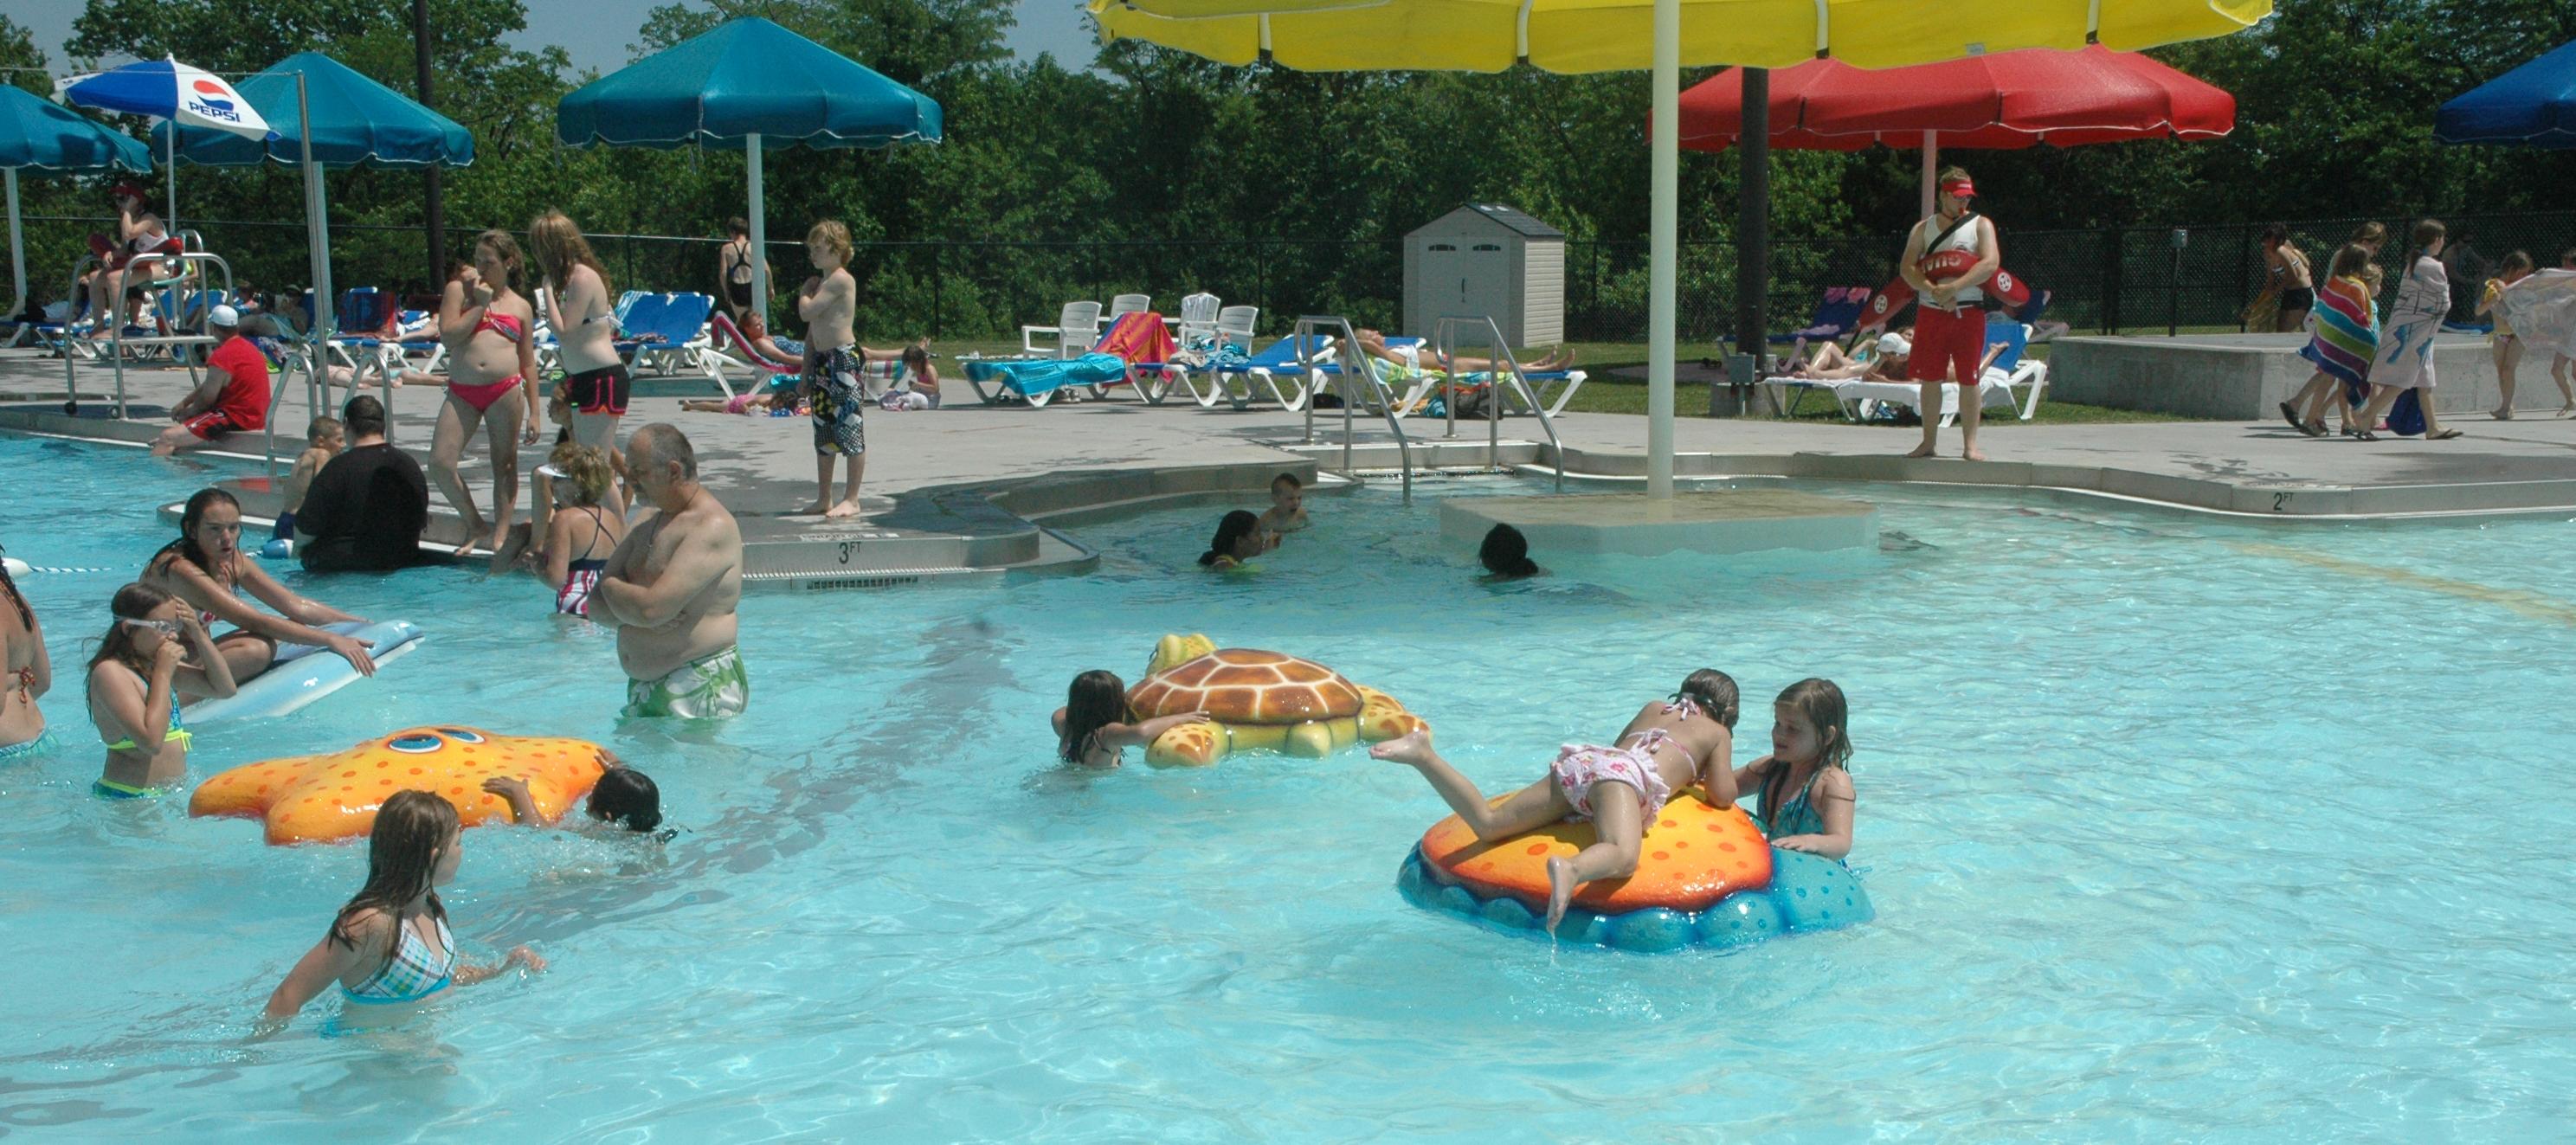 Aquatic park visits take a dip for Caroline springs swimming pool